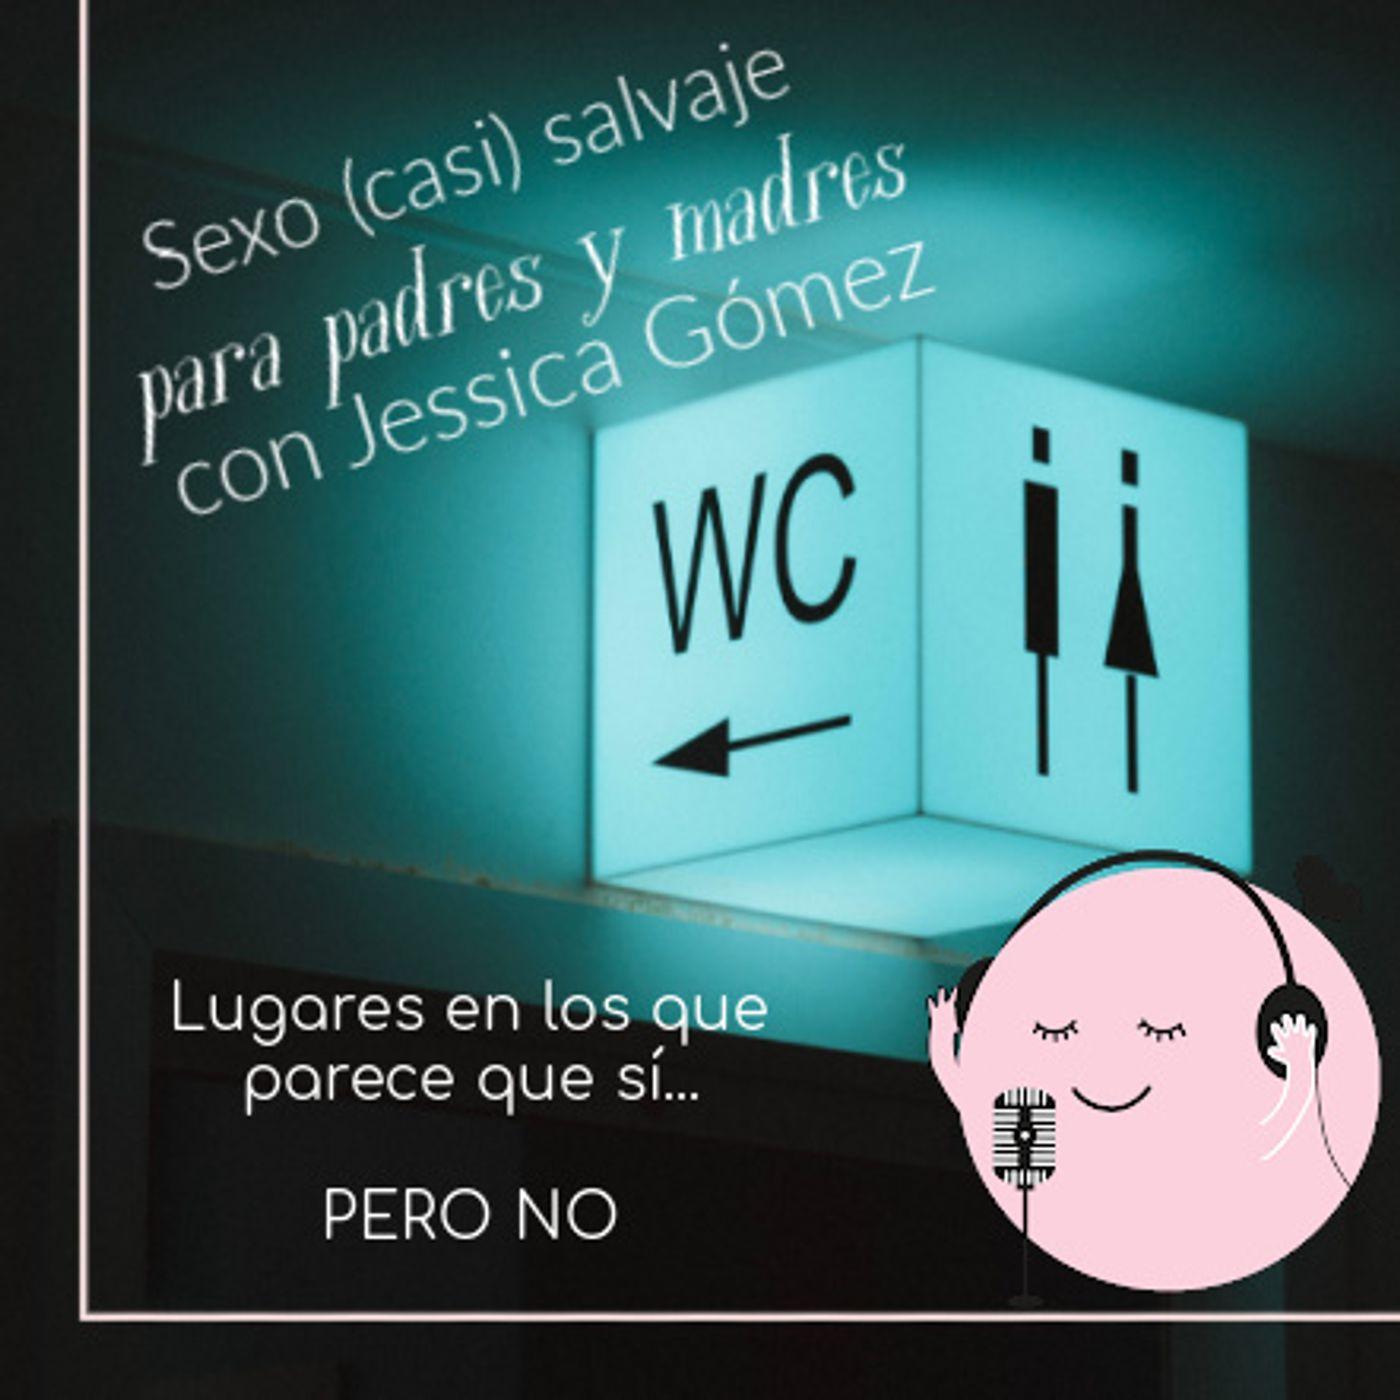 992. Sexo (casi) salvaje para padres y madres: Los baños públicos parece que SI pero NO con @quenomefalte